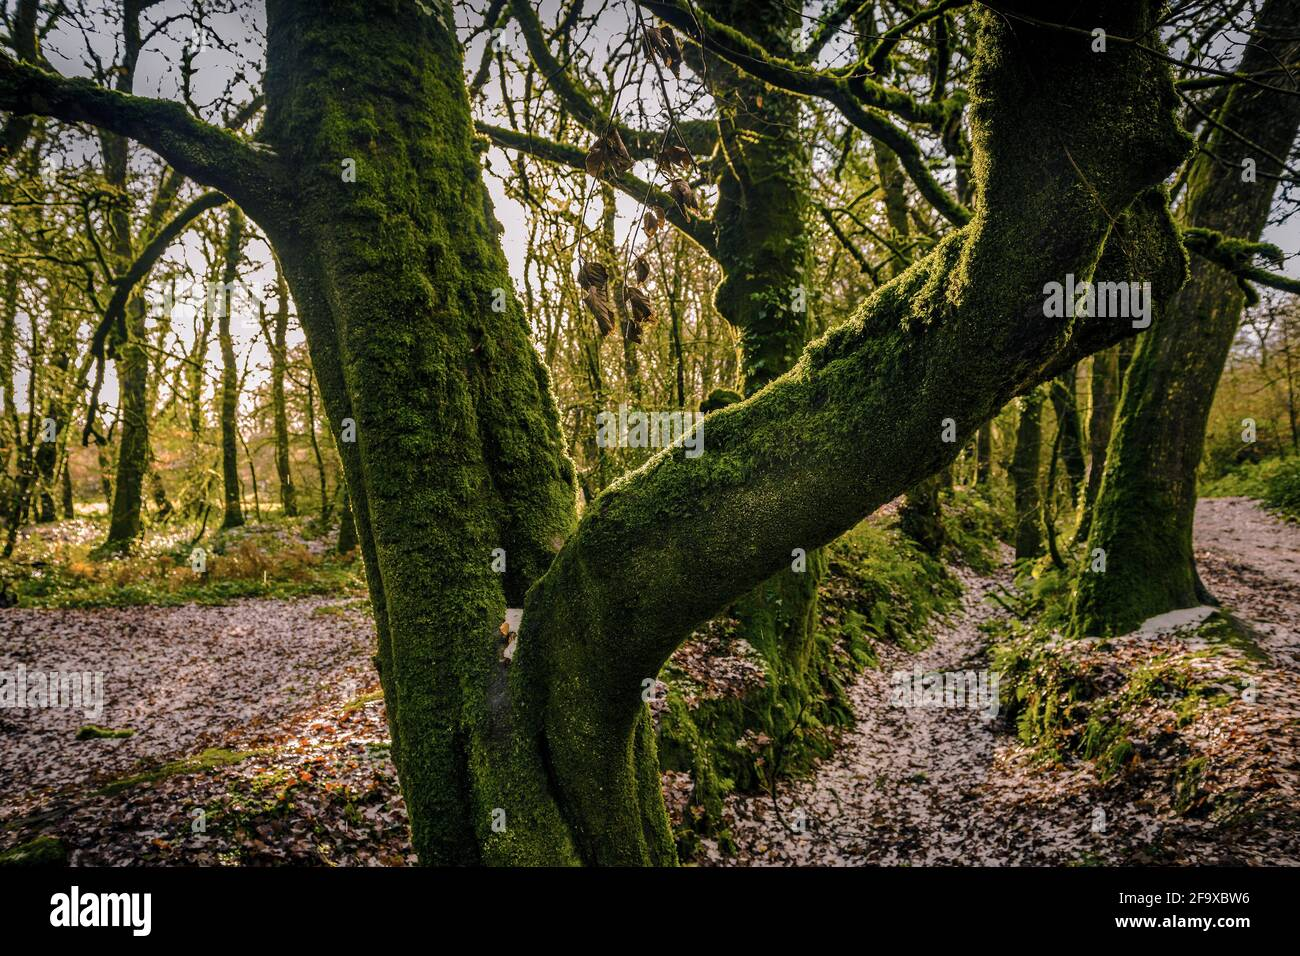 Musgo creciendo en un árbol de haya - Fagus sylvatica - en el bosque antiguo de madera de draynes en Cornwall. Foto de stock